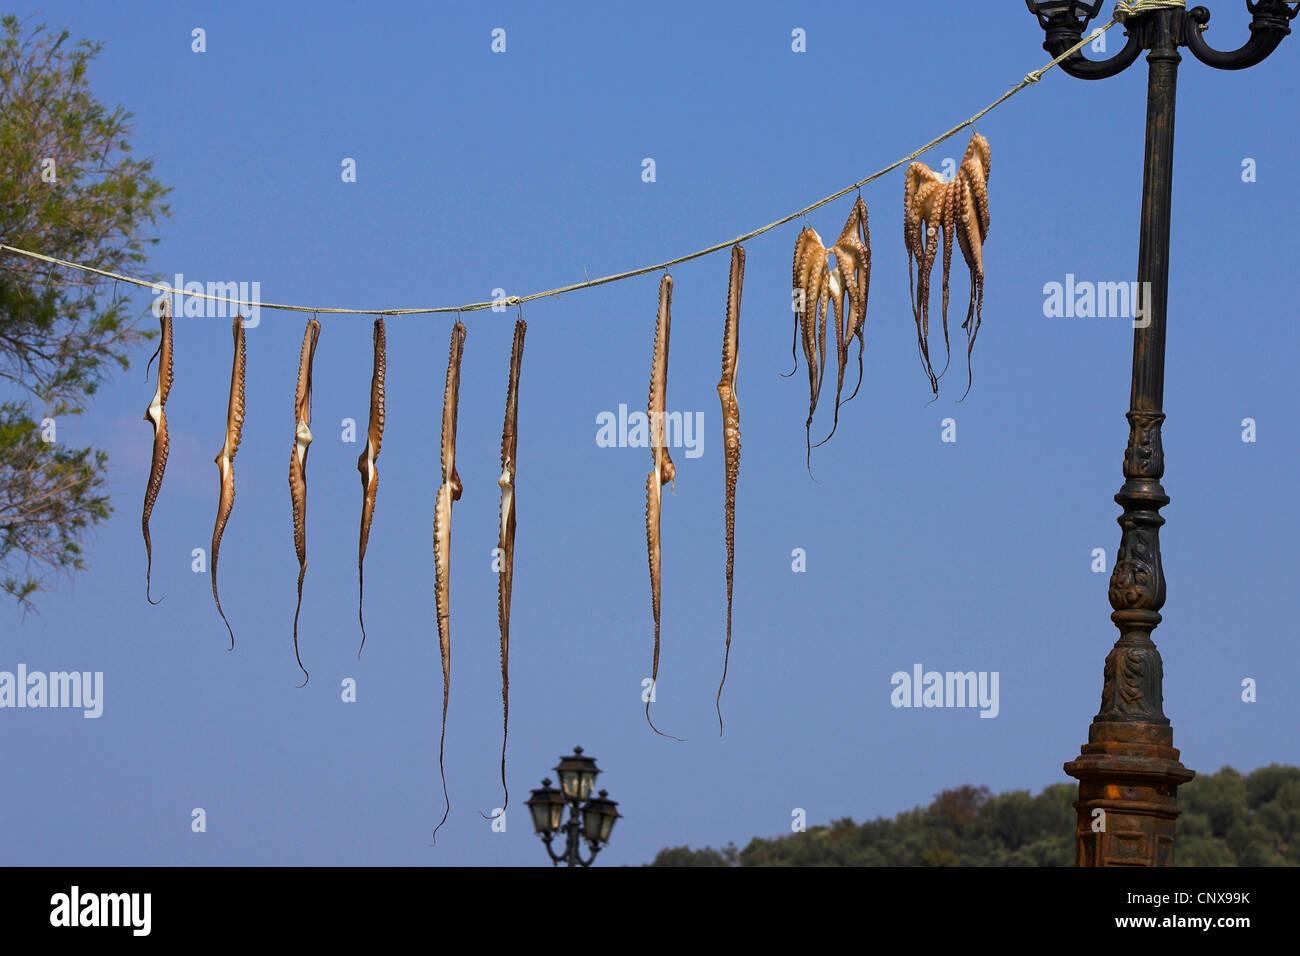 Calamars sur une ligne de séchage, la Grèce, Lesbos Banque D'Images